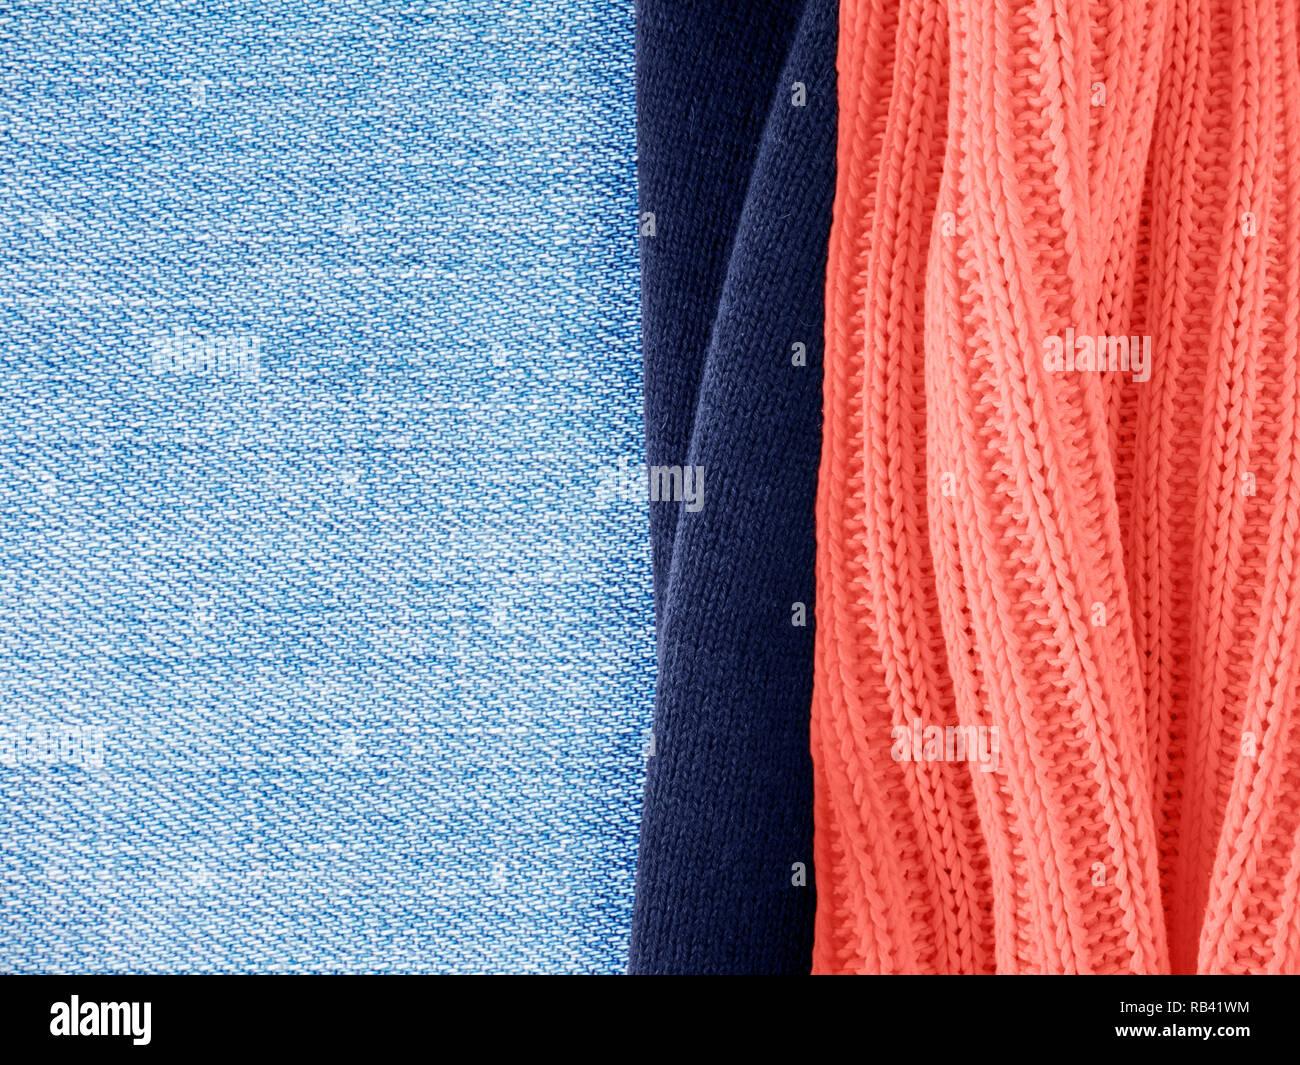 säästää jopa 80% lenkkarit halpaa yksityiskohtaiset kuvat Color Palette Blue Denim Jeans Stock Photos & Color Palette ...